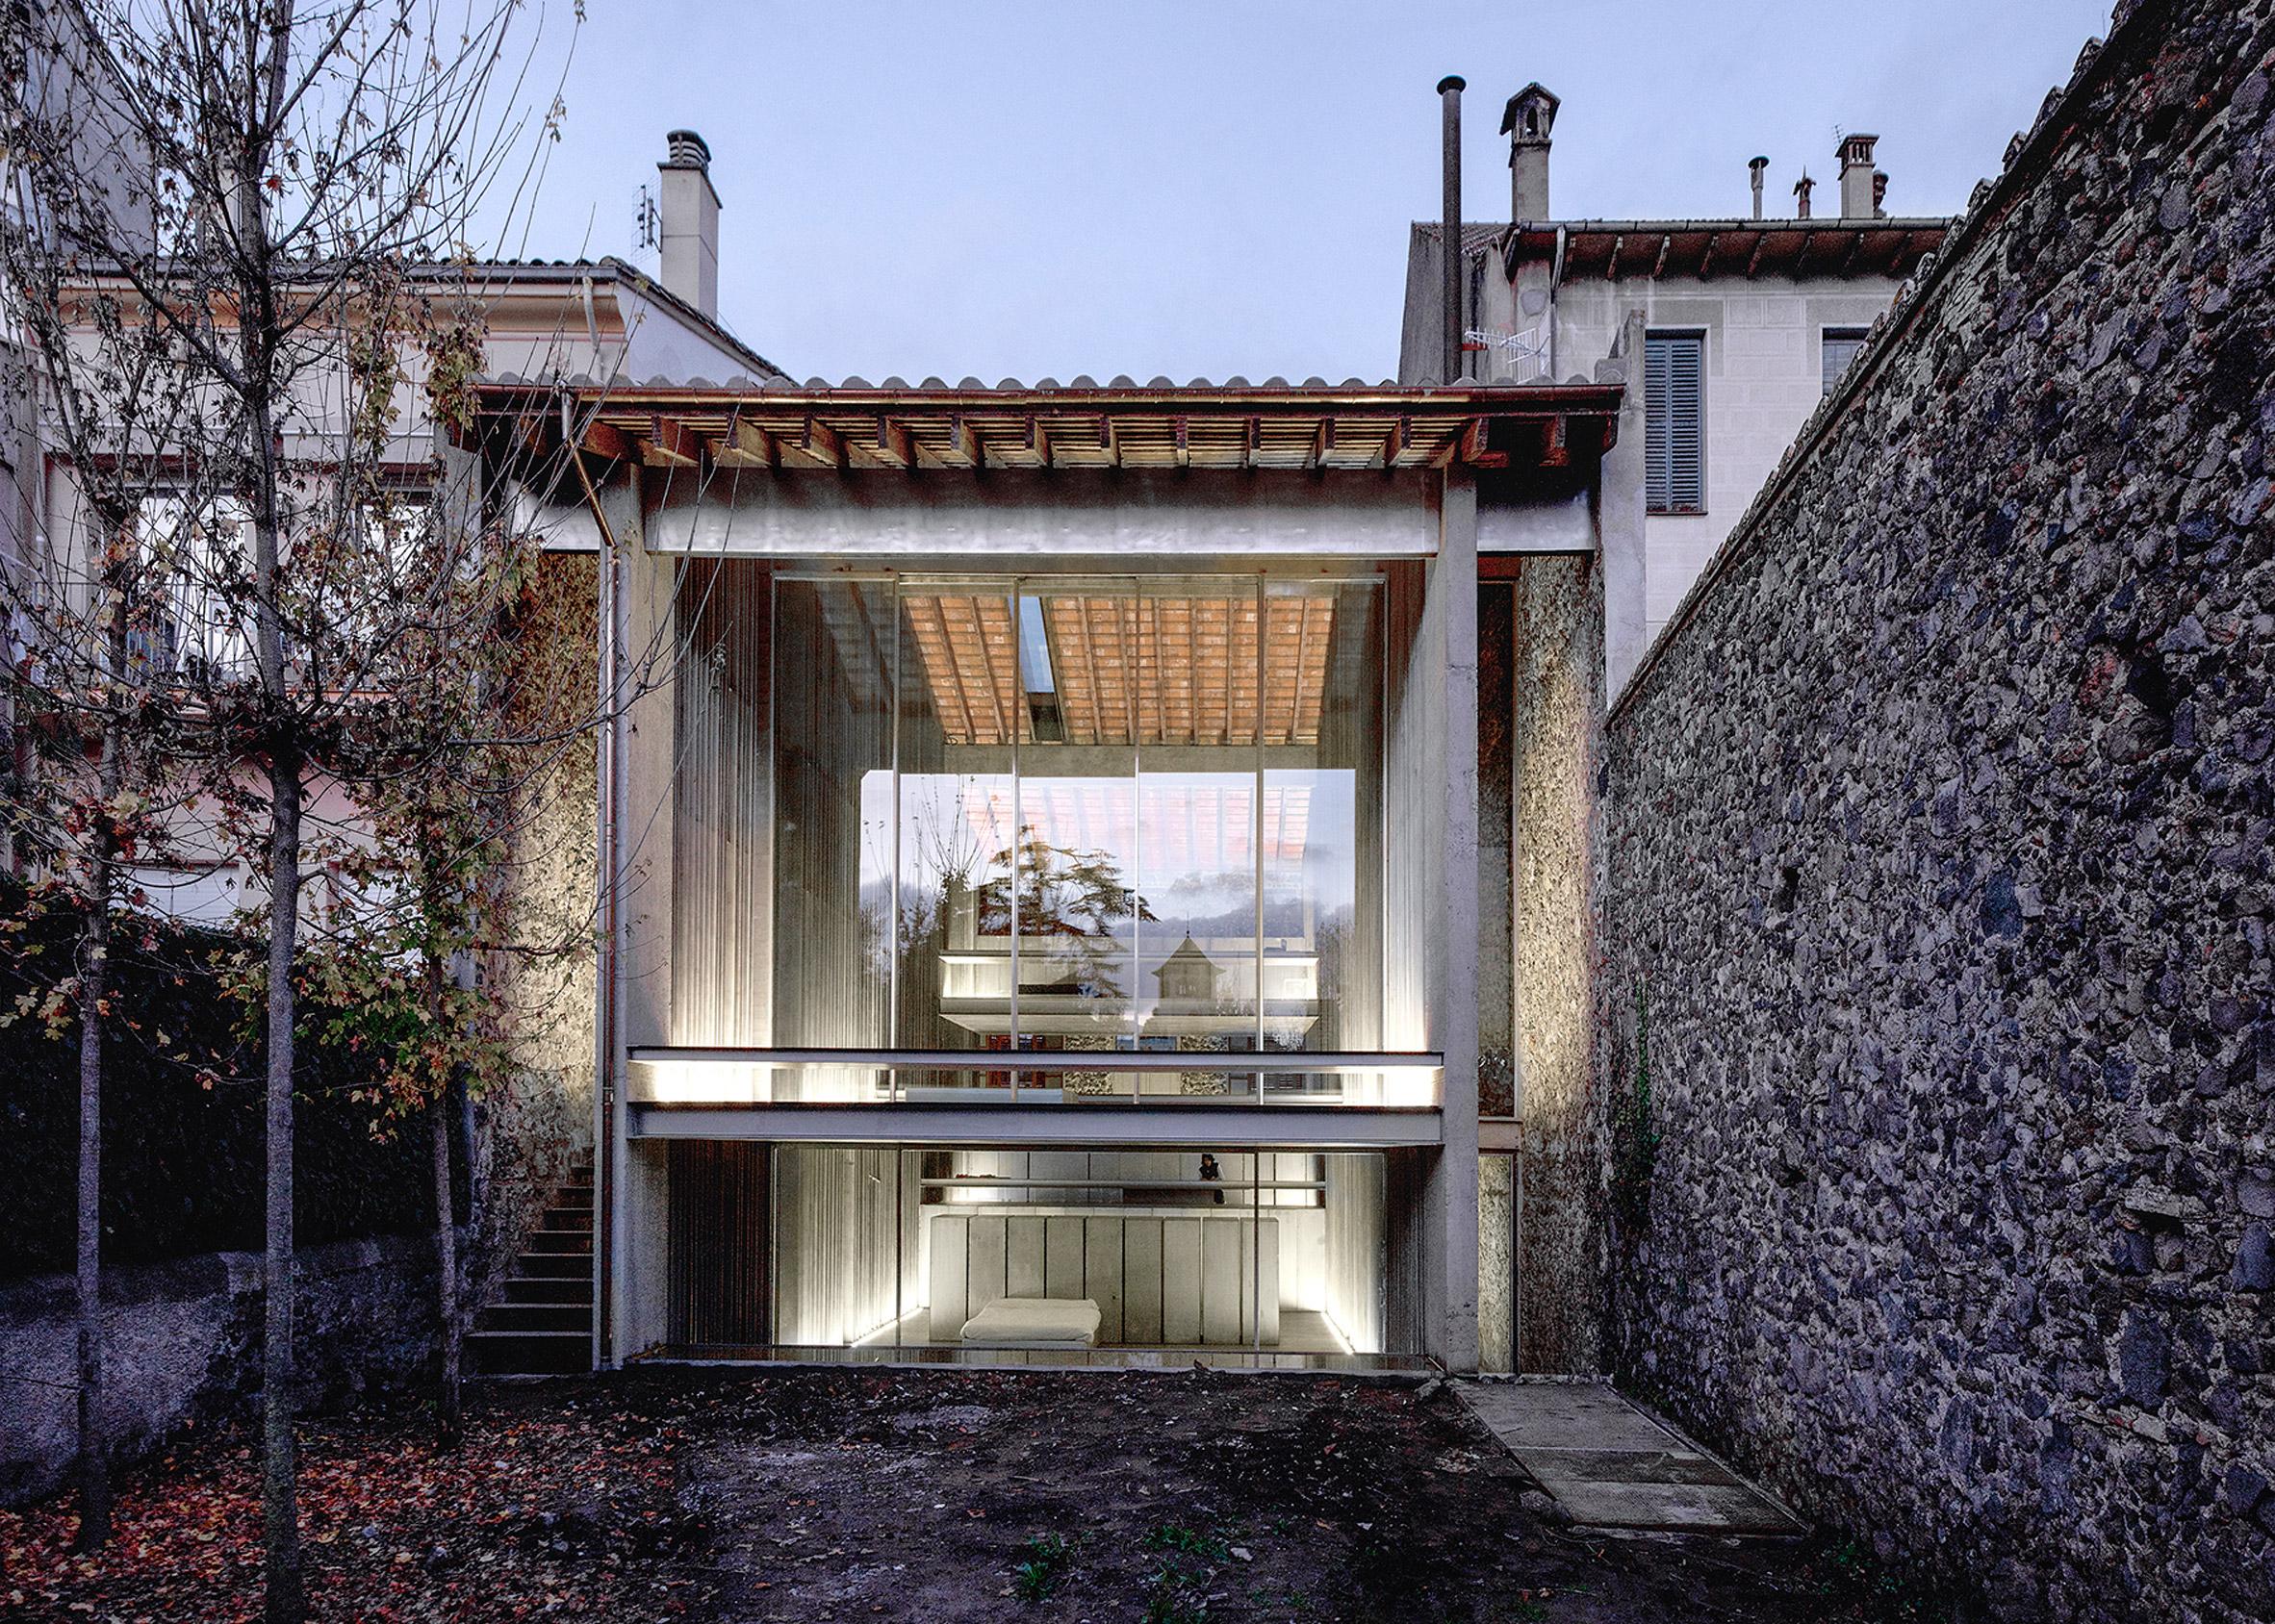 Row House, 2012, Olot, Girona, Spain